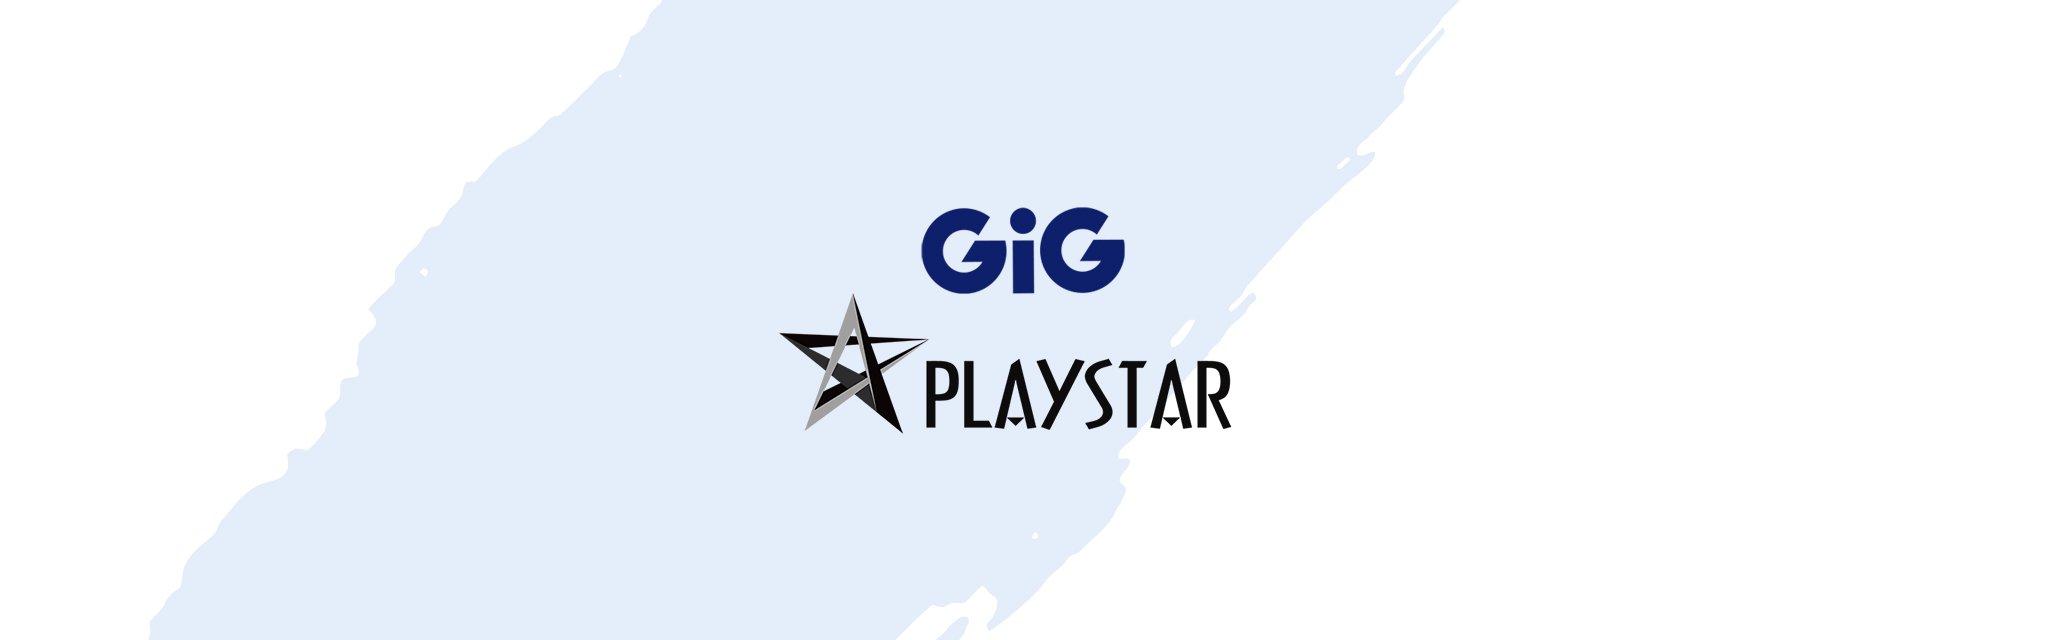 GiG Playstar